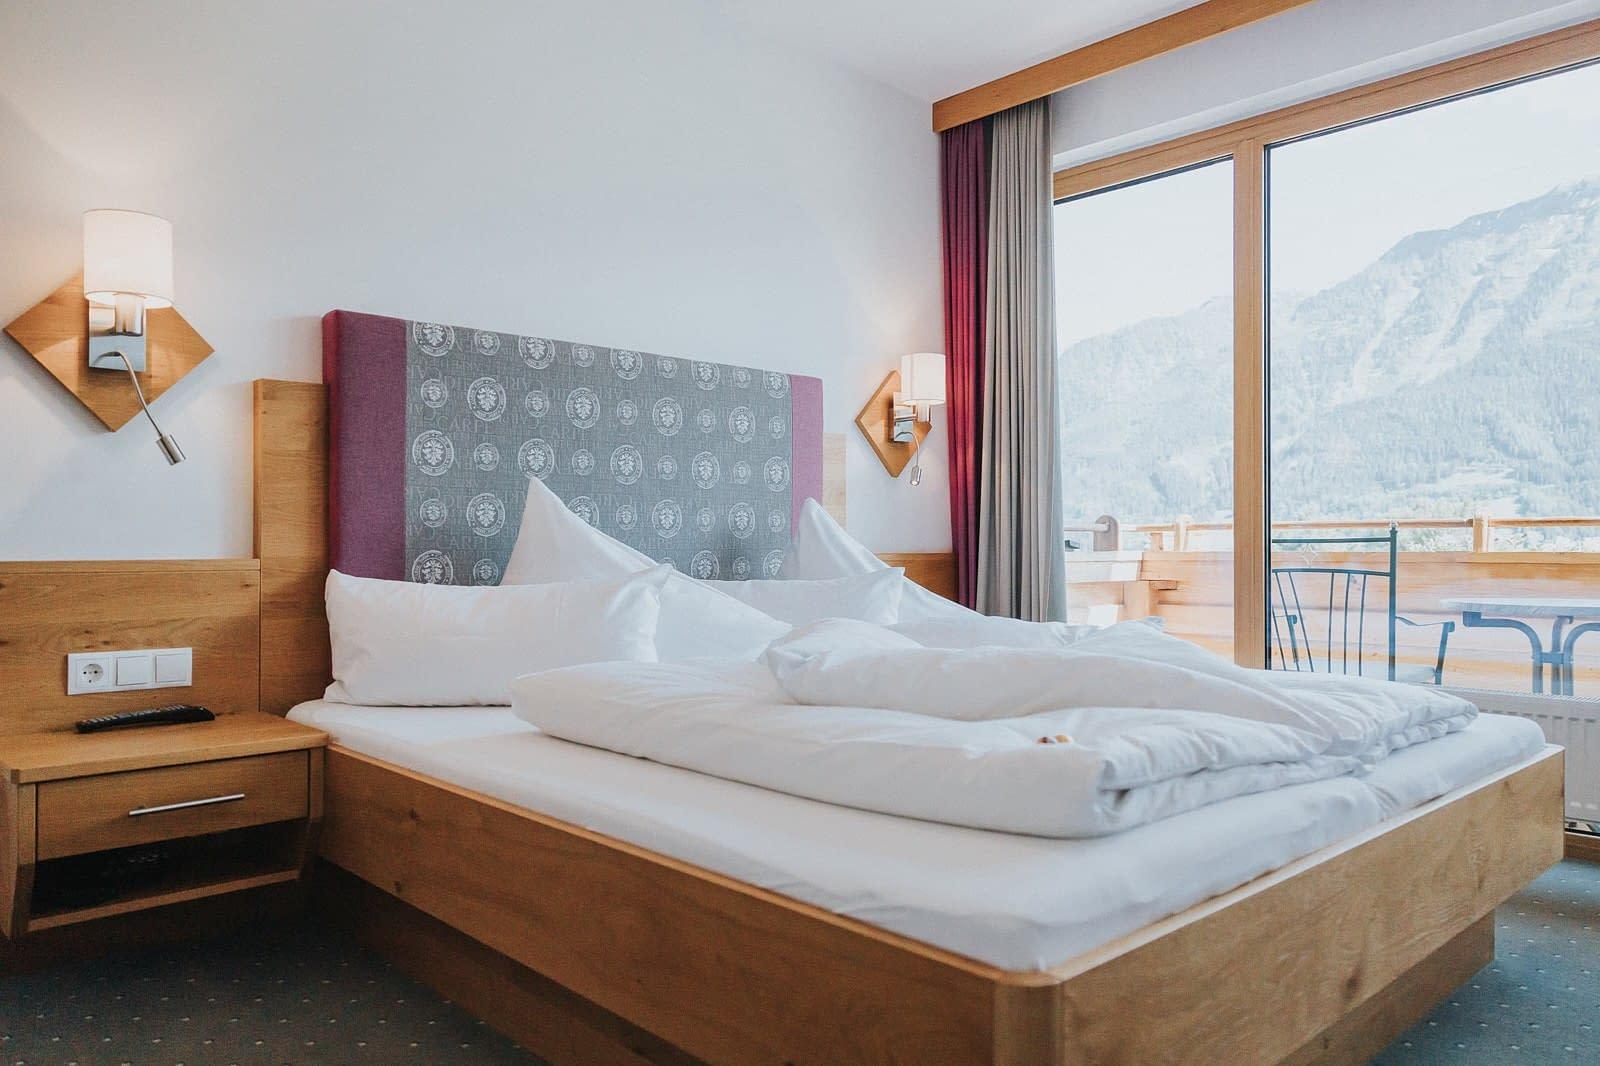 Hotel Zimmer - Hotel Fotografie - Silberfux